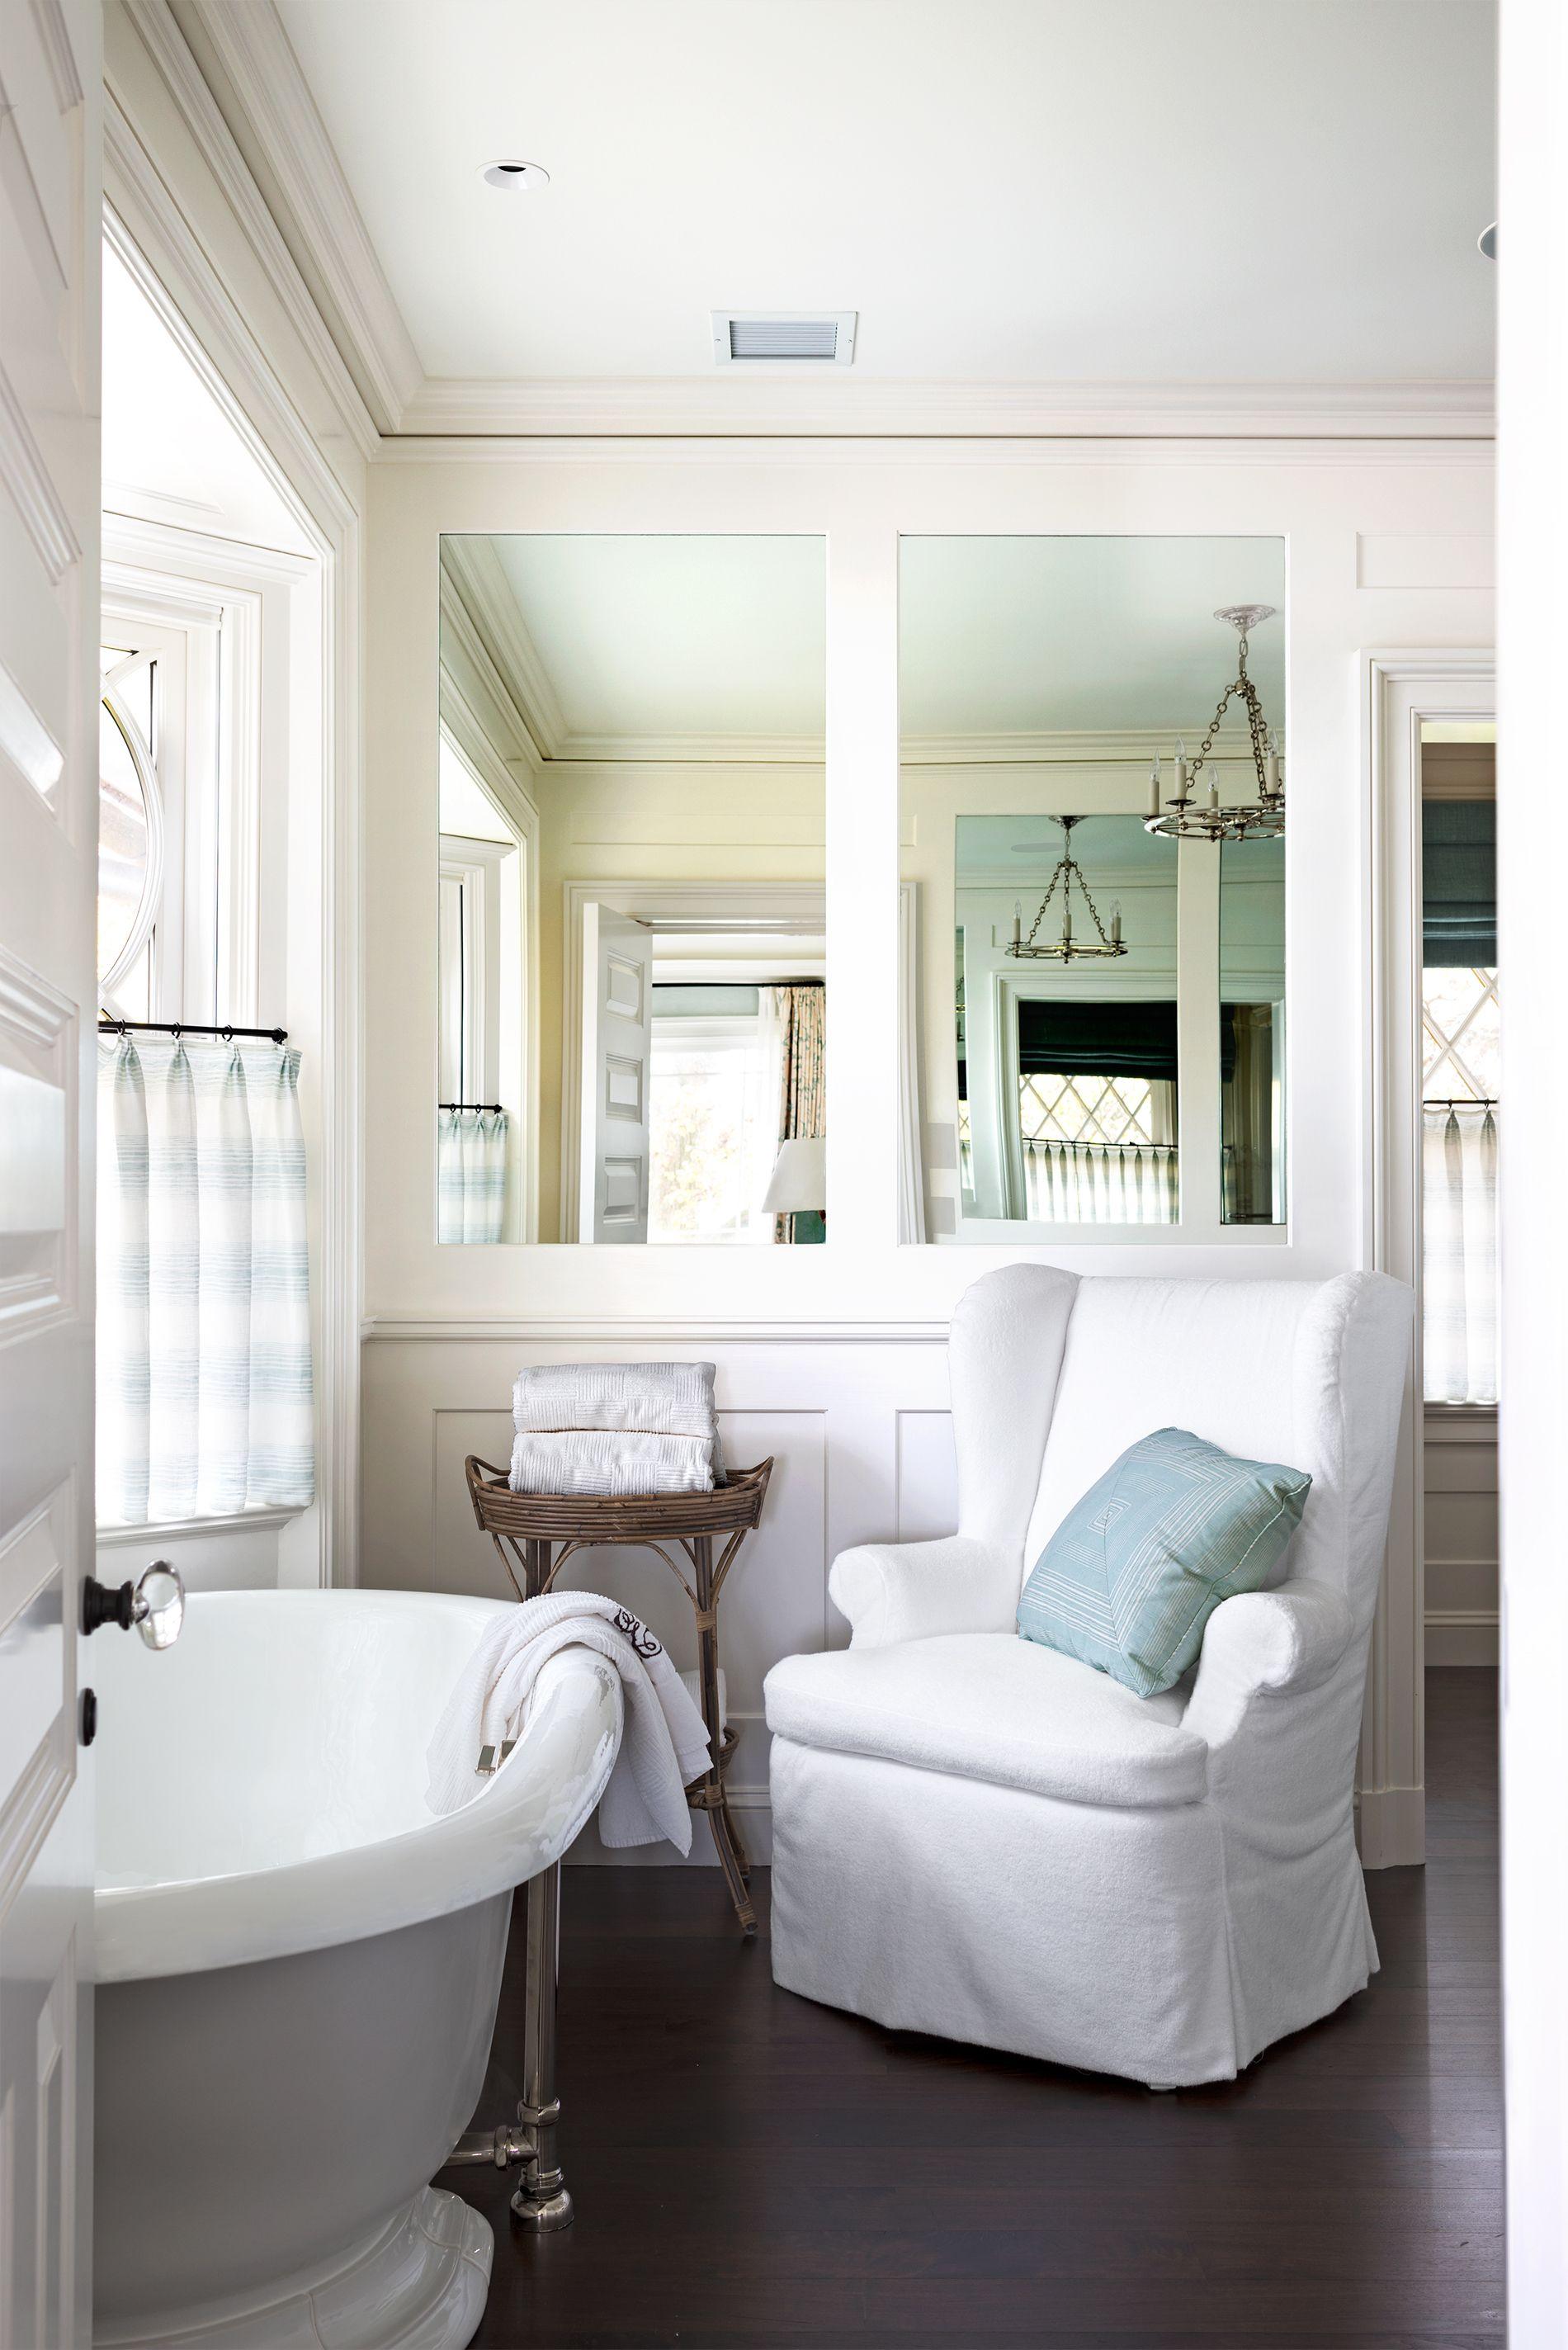 House Beautiful & 20 Bathroom Mirror Ideas for Every Style - Bathroom Wall Decor